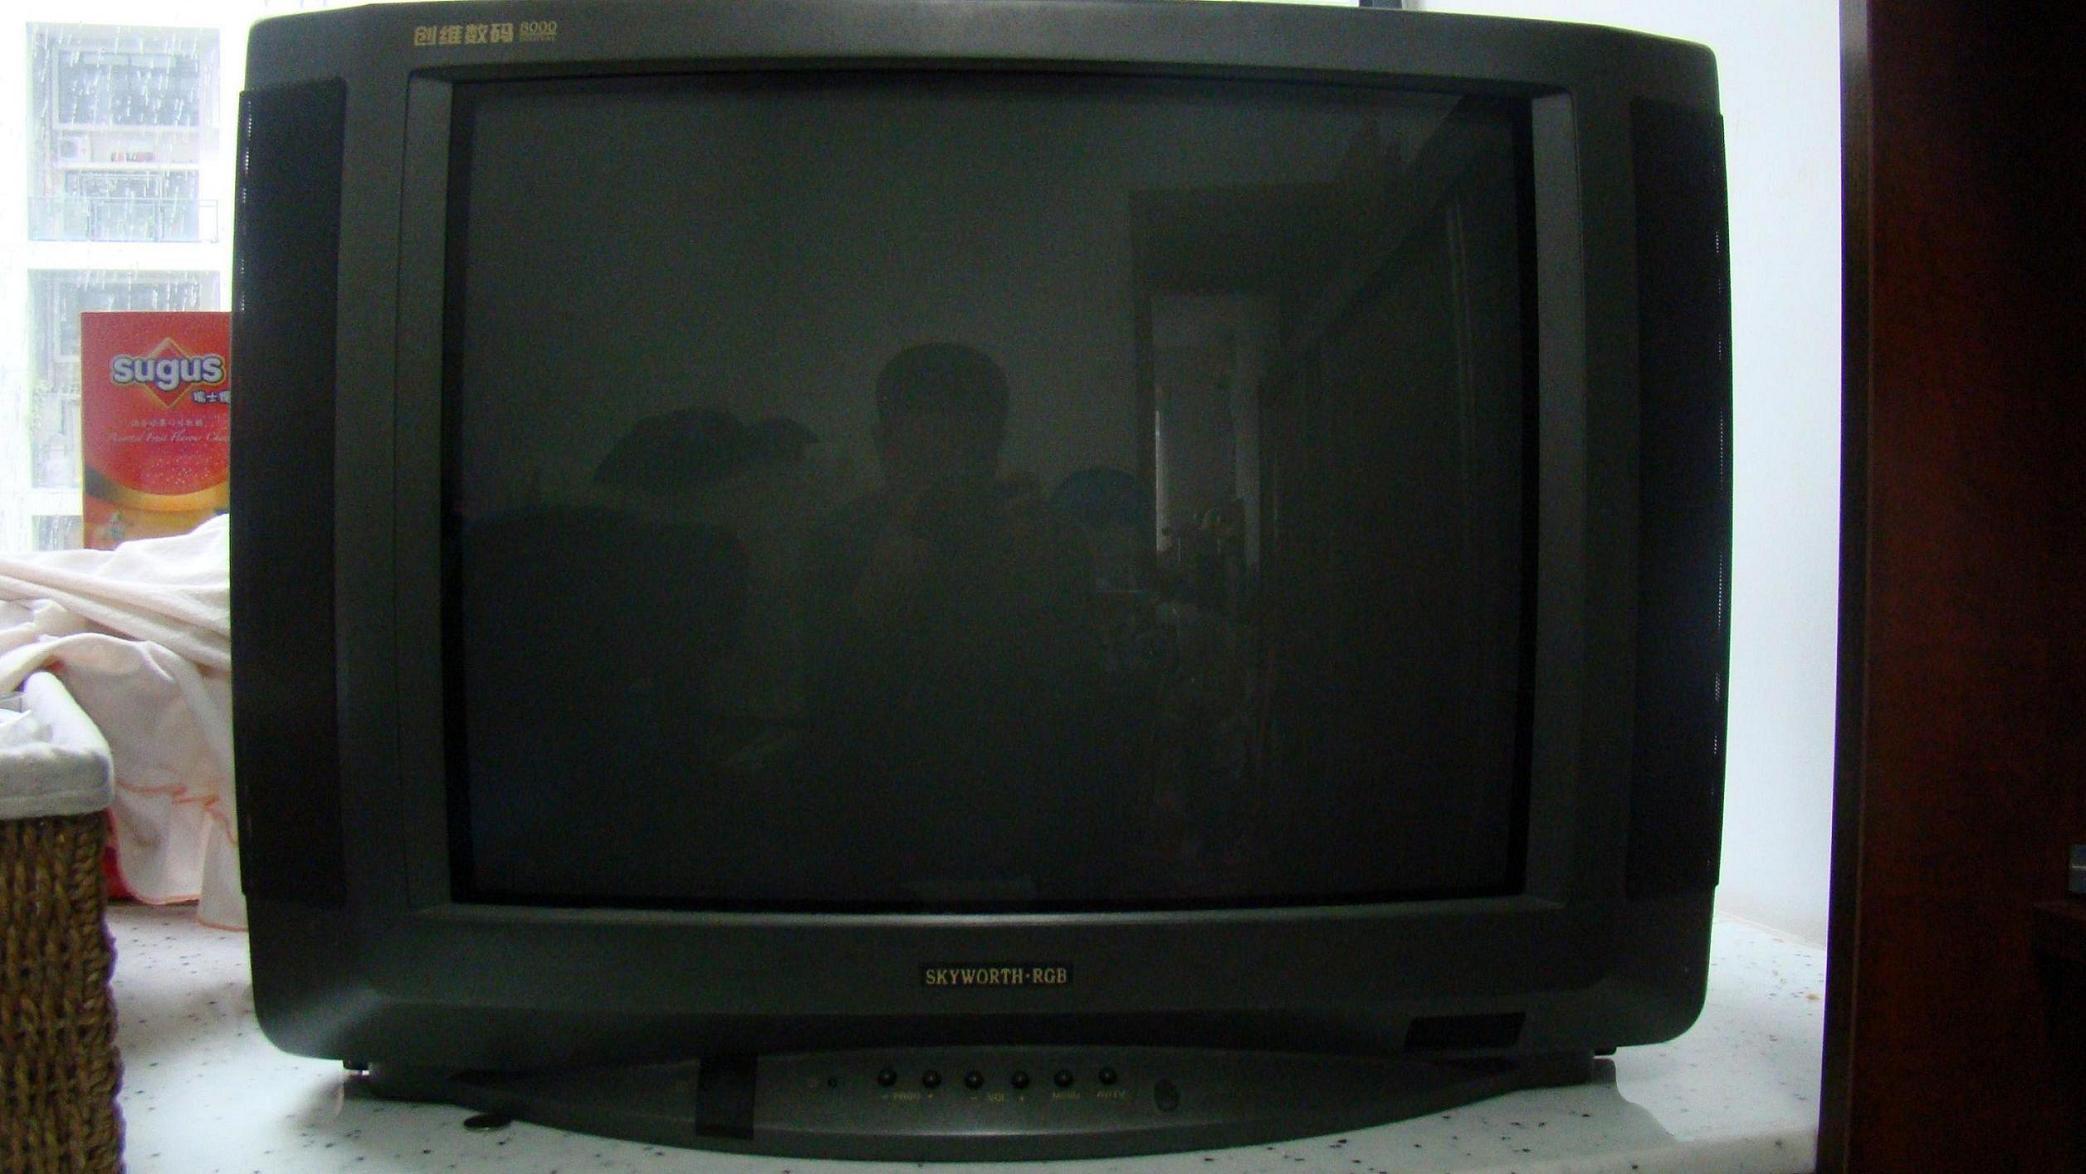 > 转让一台创维数码8000彩色电视,有意者请进.